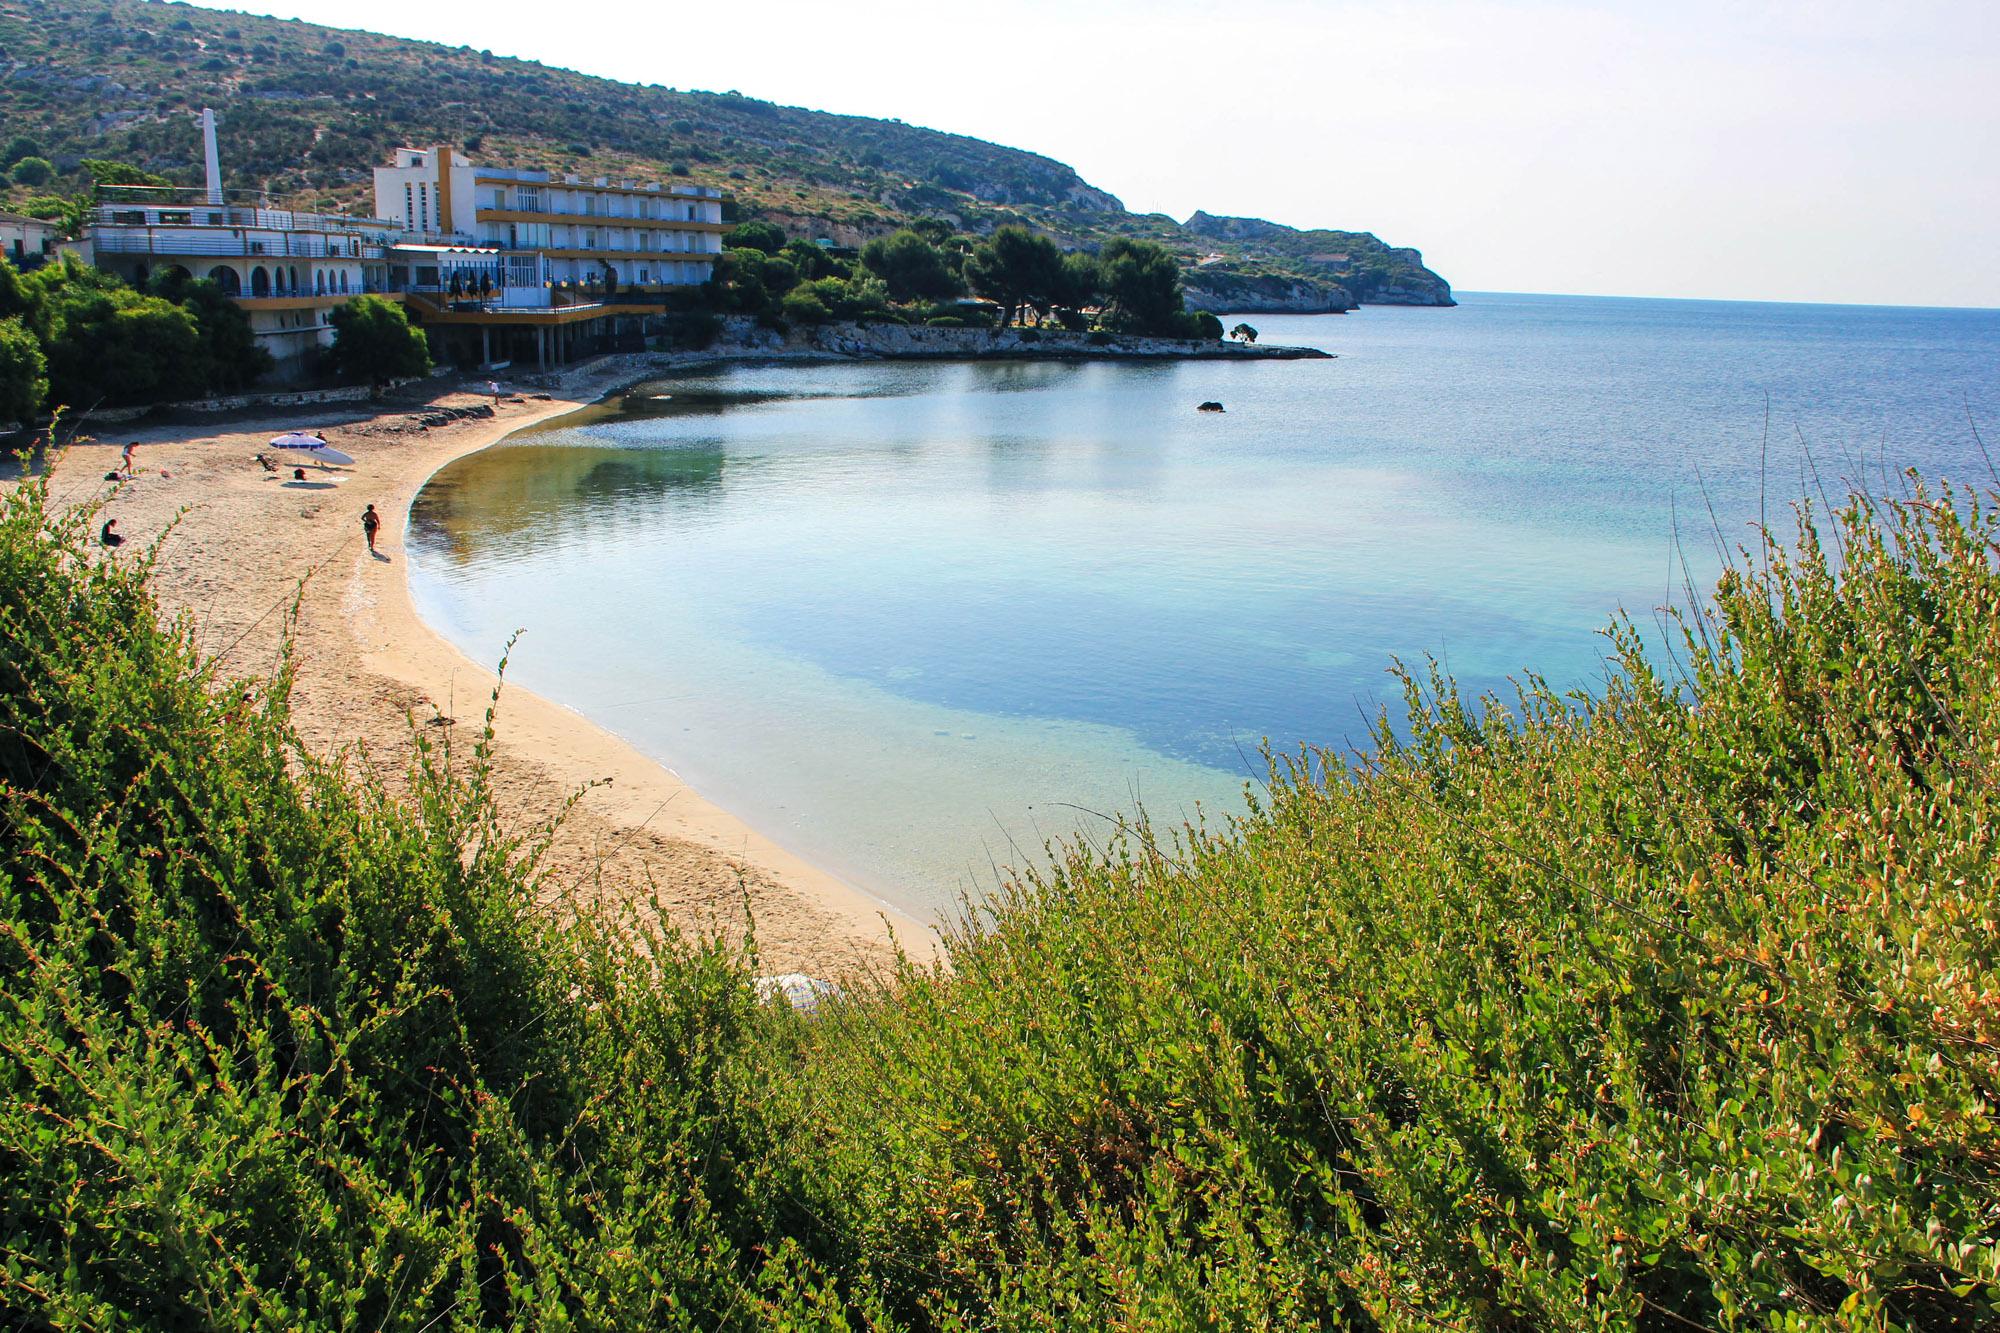 Calamosca, spiaggia a 4 km dal centro di Cagliari | Sardegna Link ...